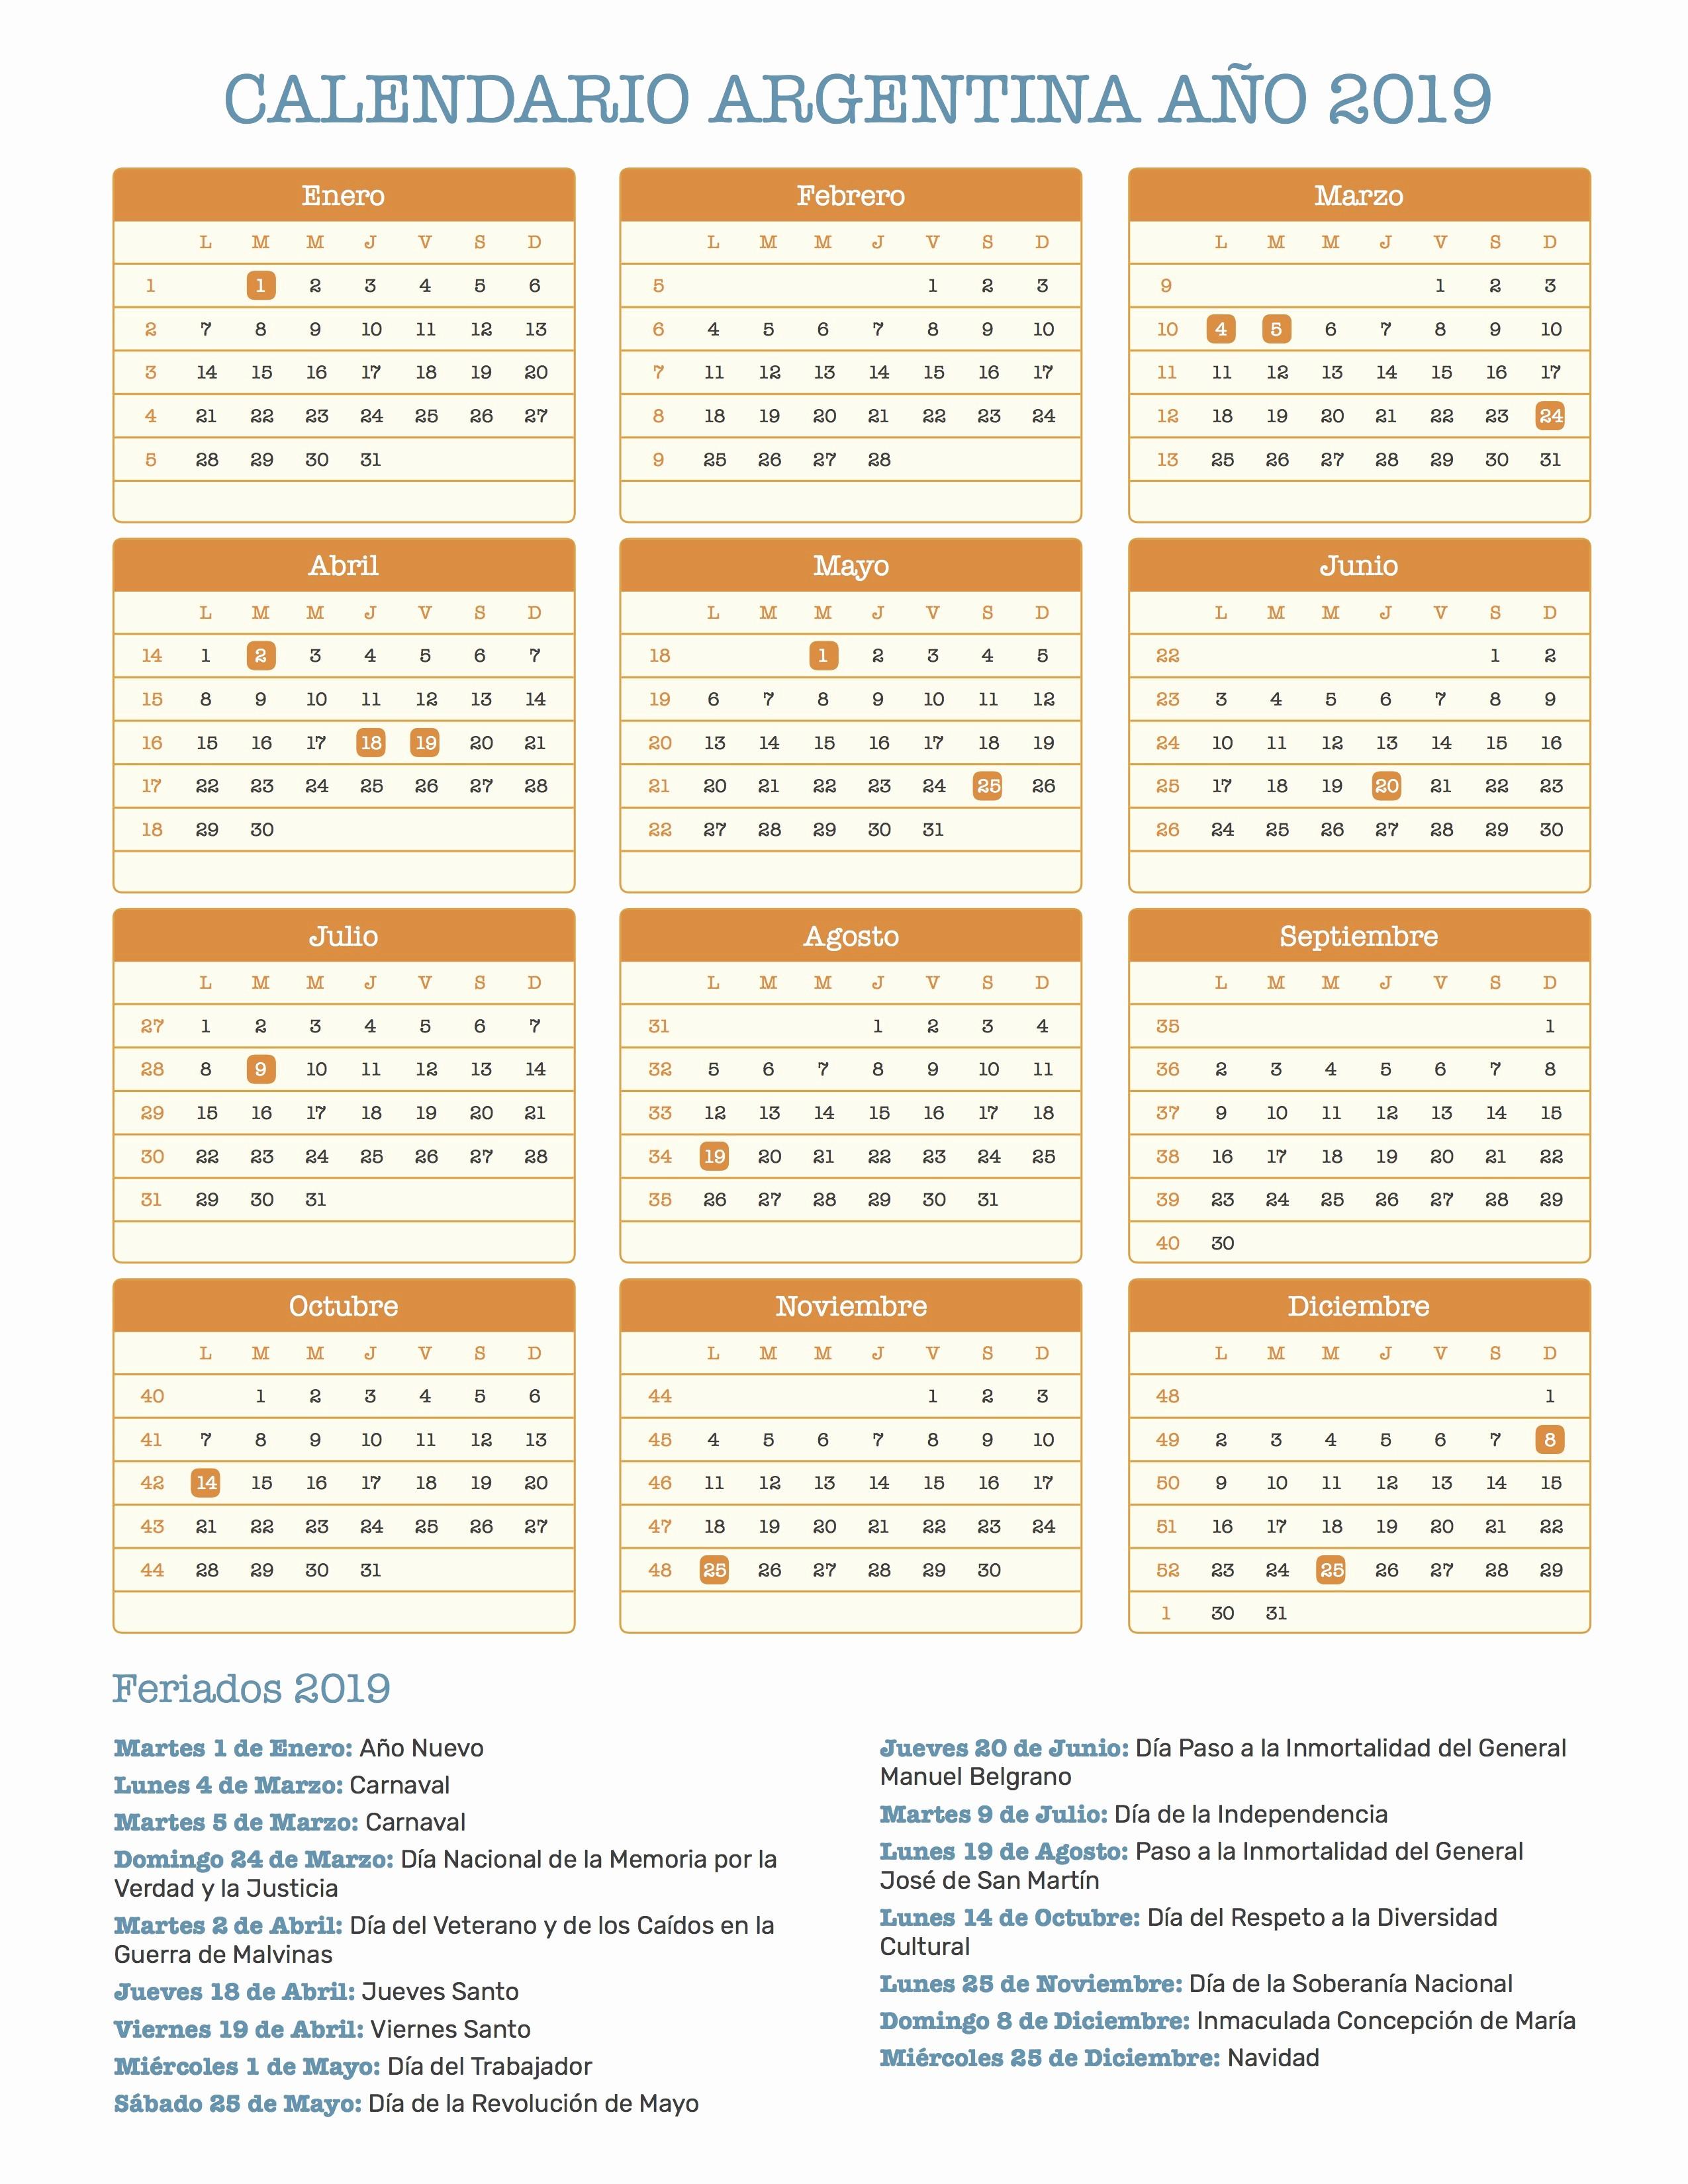 Calendario Escolar 2019 Comunidad De Madrid Recientes Calendario Dr 2019 Calendario Argentina Ano 2019 Feriados Of Calendario Escolar 2019 Comunidad De Madrid Mejores Y Más Novedosos Boe Documento Boe A 2018 9268